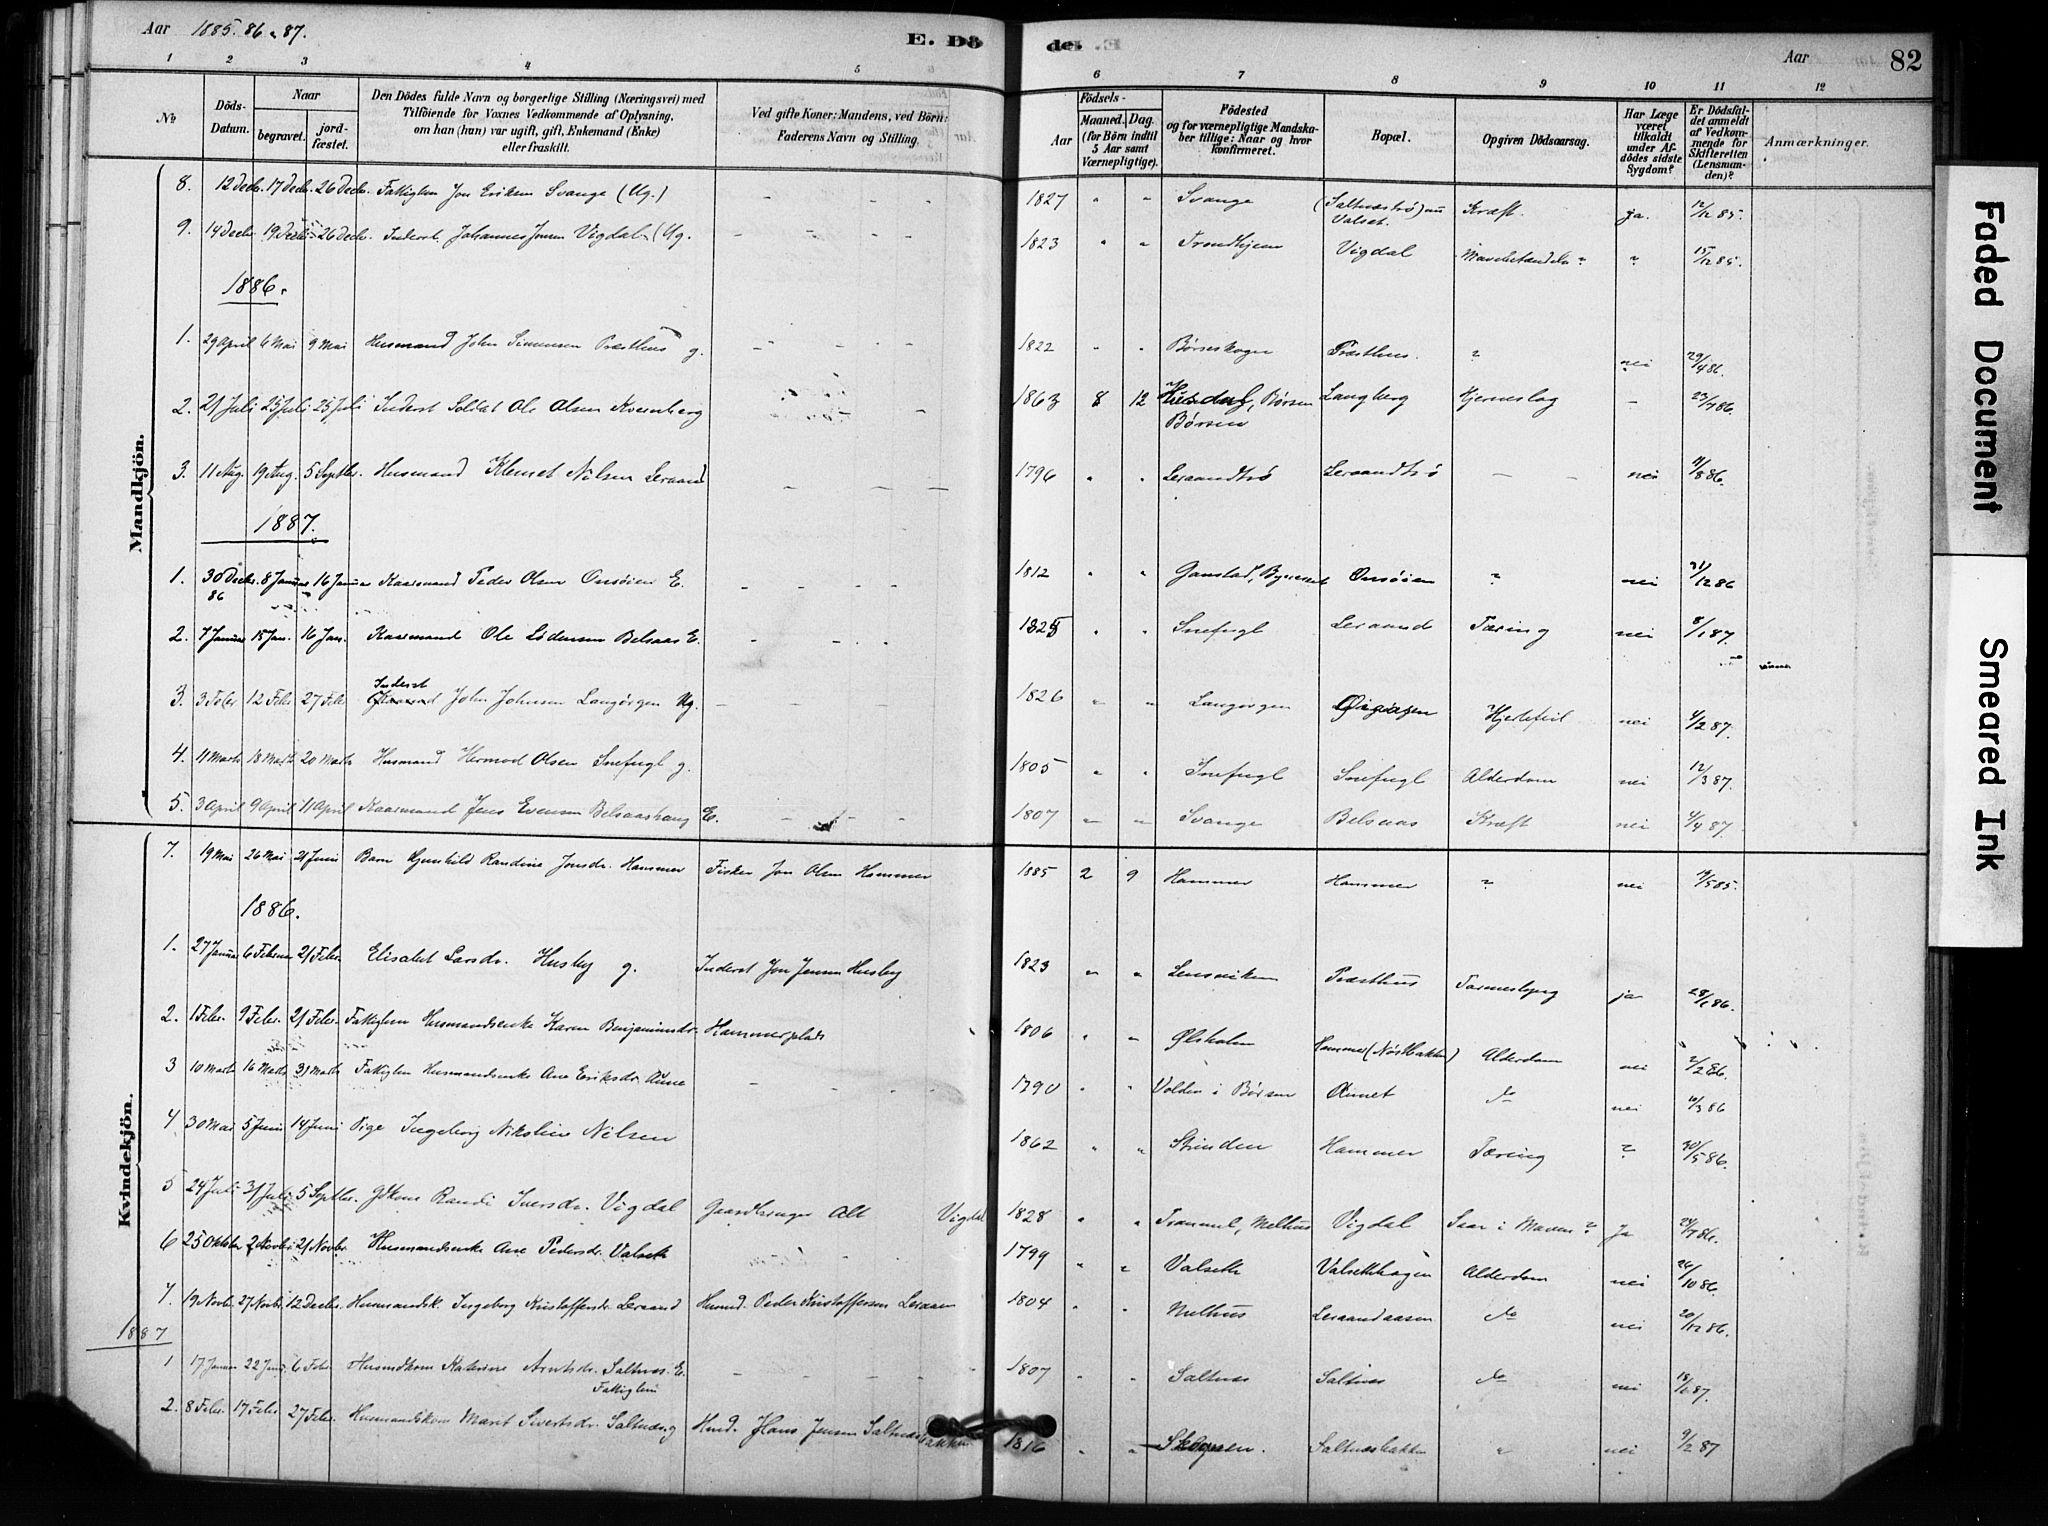 SAT, Ministerialprotokoller, klokkerbøker og fødselsregistre - Sør-Trøndelag, 666/L0786: Ministerialbok nr. 666A04, 1878-1895, s. 82